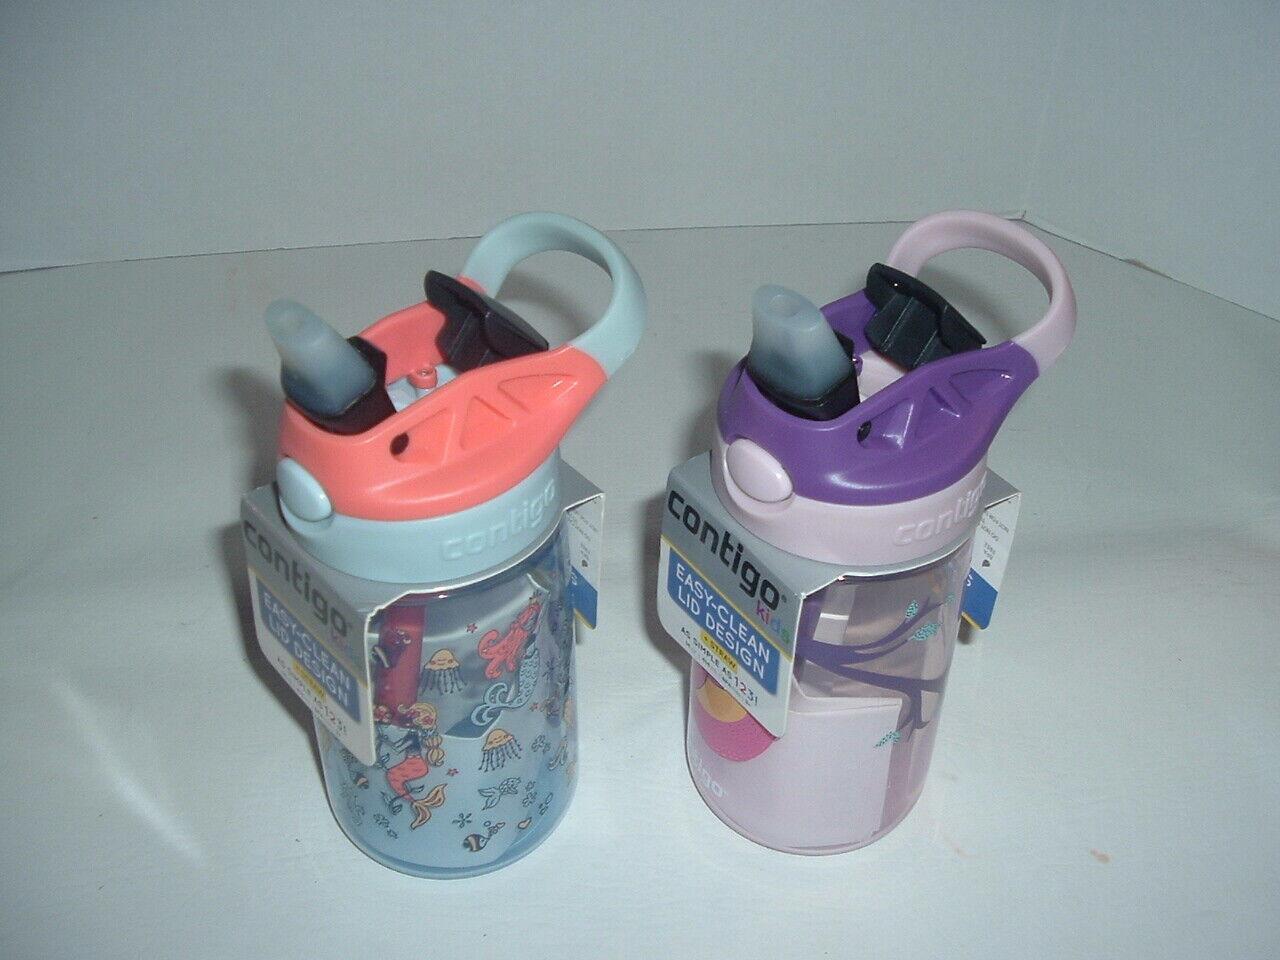 2 kids autospout 14 oz water bottles